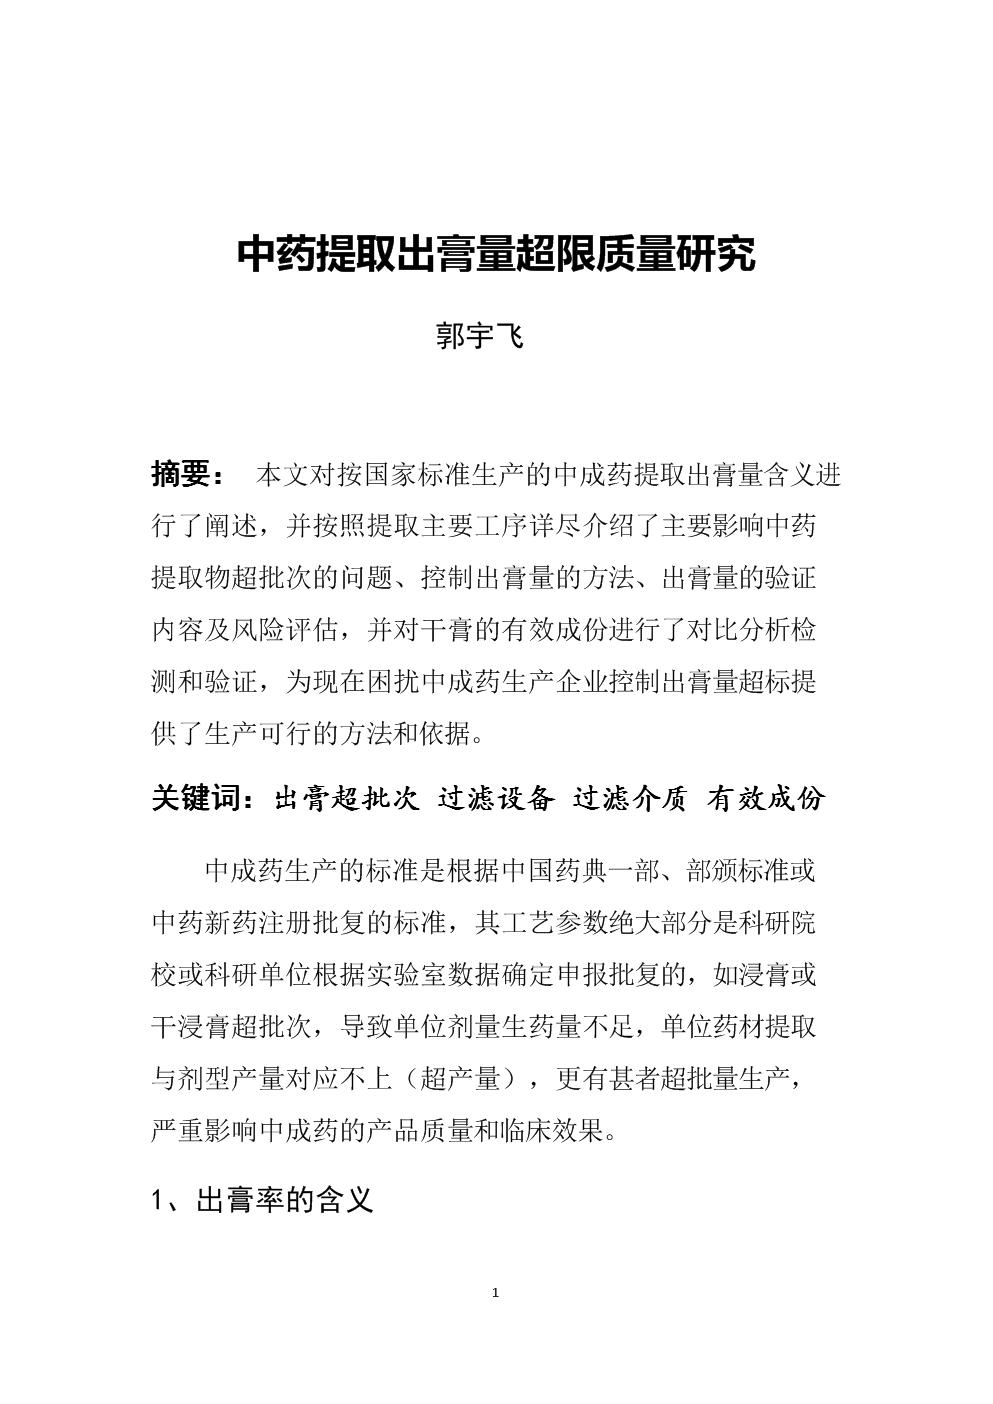 中药提取出膏量超限质量研究(全文).docx